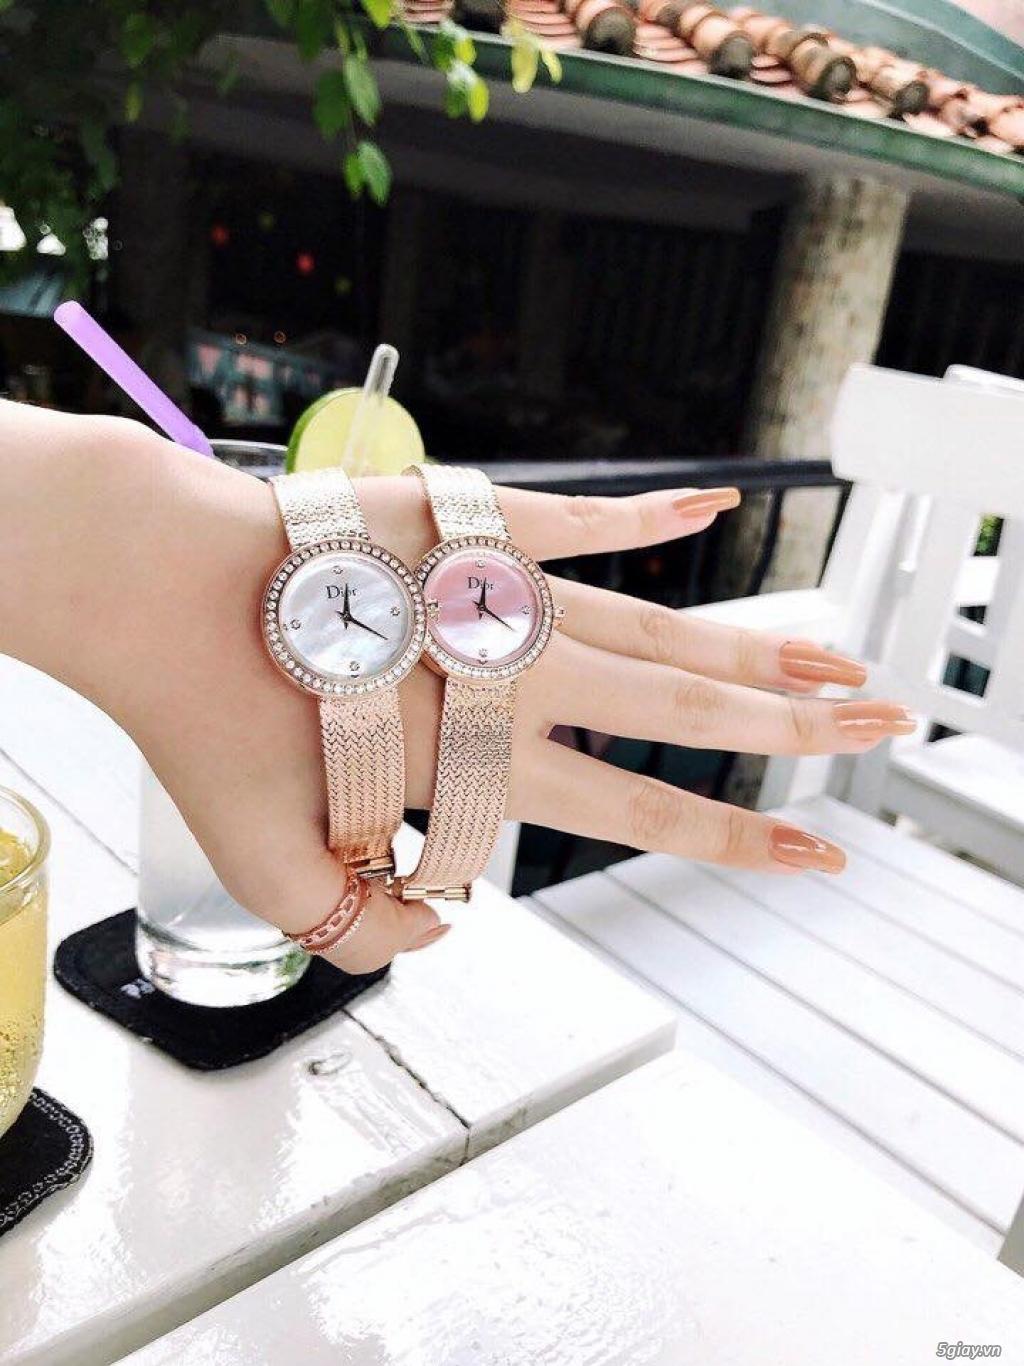 Đồng hồ xách tay biên hoà , chuyên hàng auth, cao cấp, siêu cấp - 1